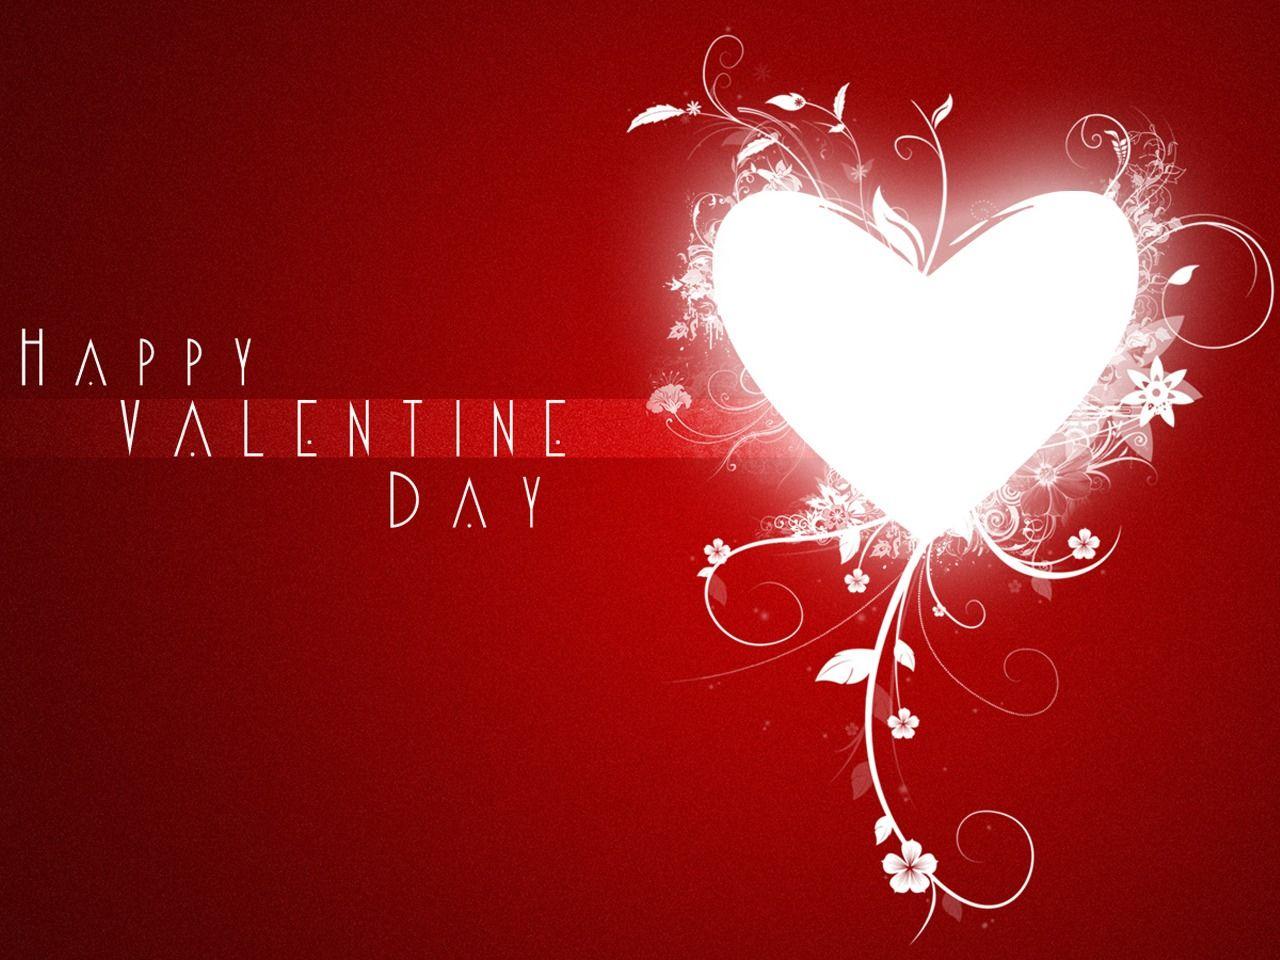 http://3.bp.blogspot.com/-JscDhc1gHjY/UNFvnt_gbiI/AAAAAAAAAqo/Nvlsmc3_VTg/s1600/Happy+Valentines+Day+HD+Wallpaper.jpg